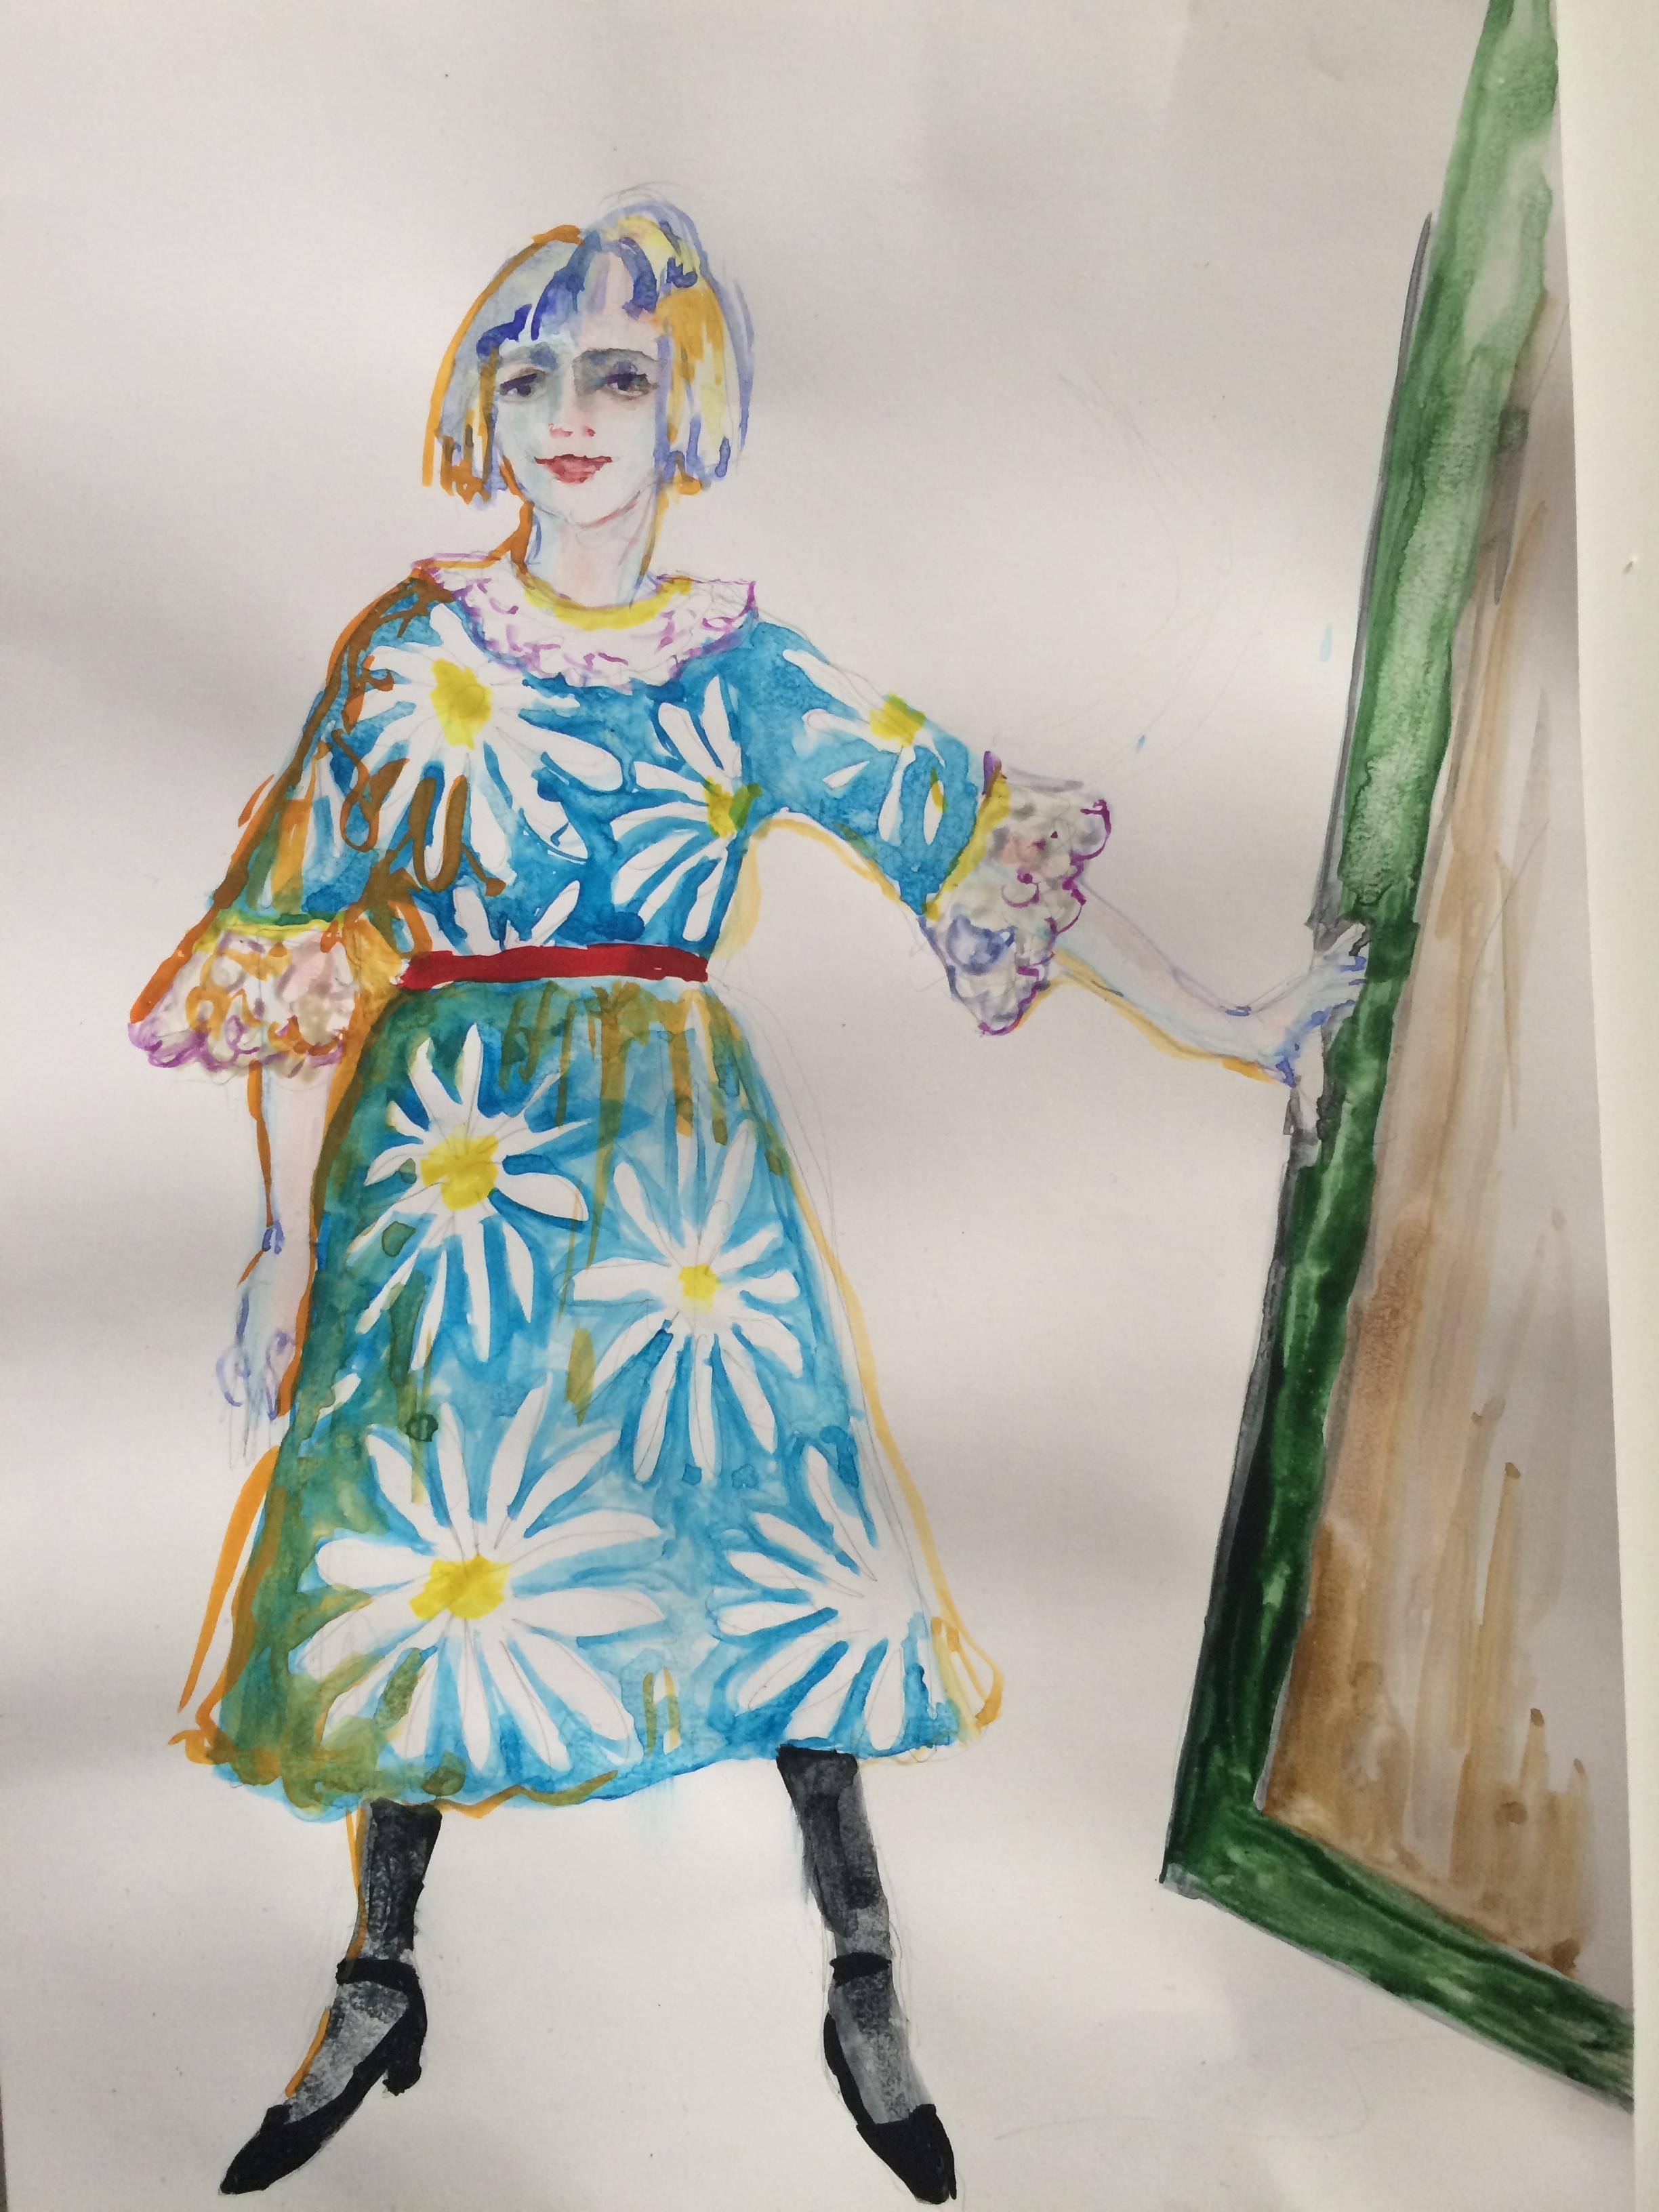 Jane Doe, act I. Sketch by Olga Maslova